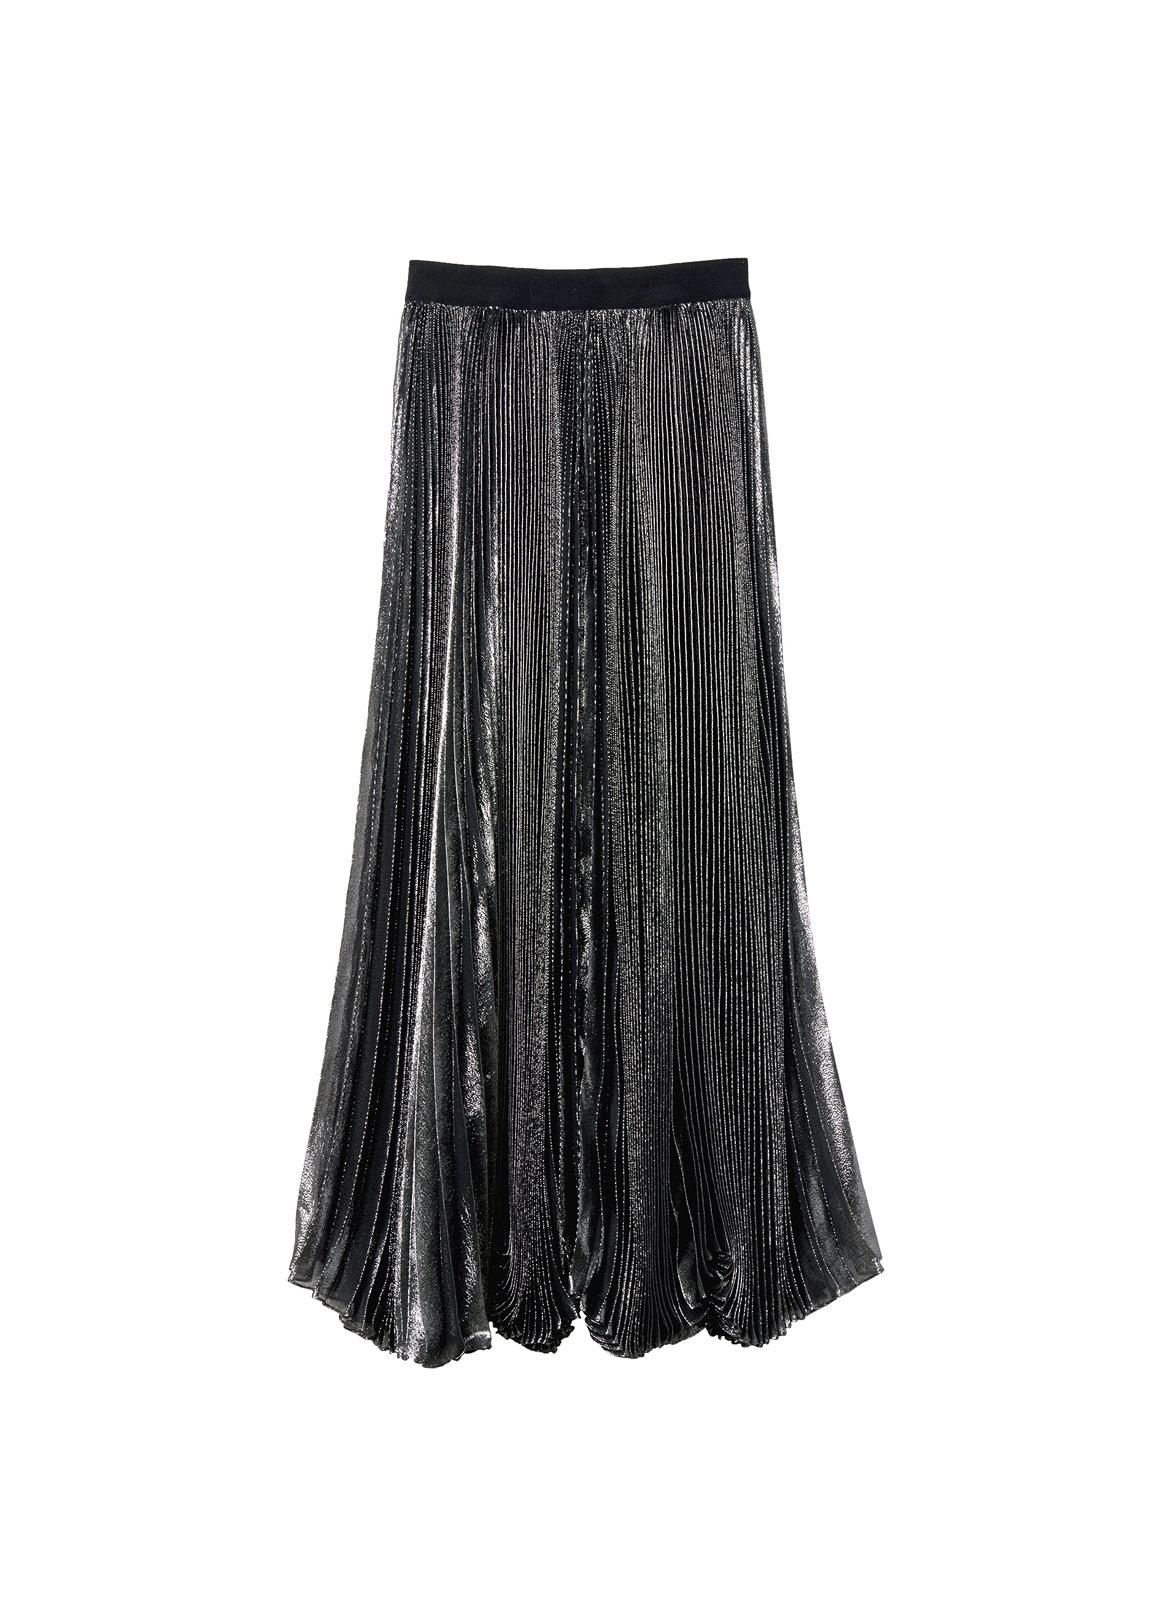 Rebecca taylor Lurex Pleat Maxi Skirt in Metallic | Lyst